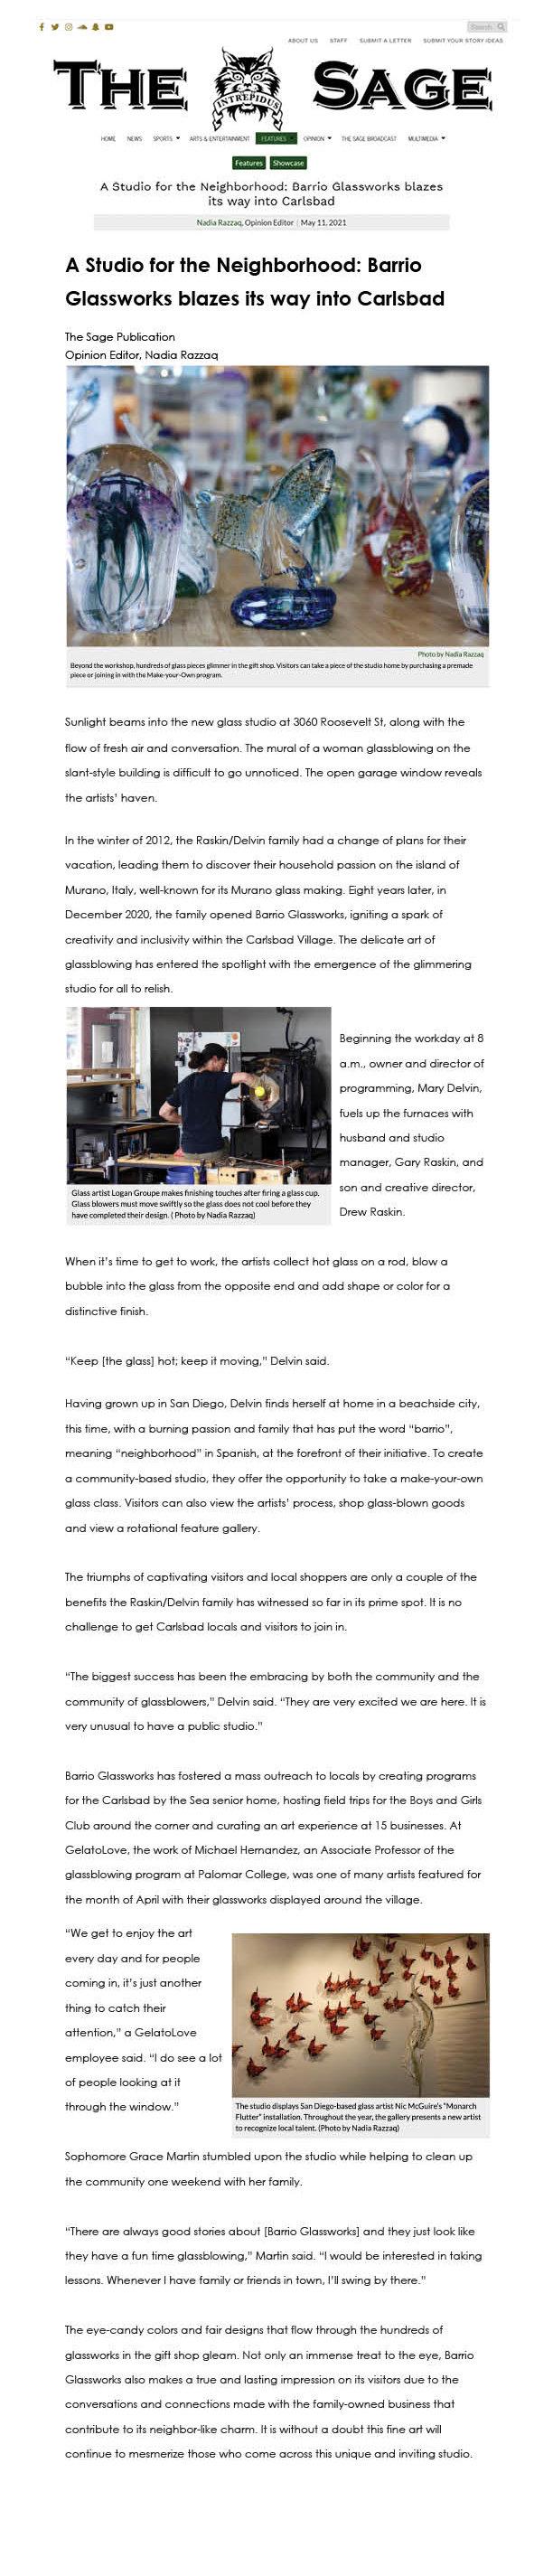 Sage Article.jpg